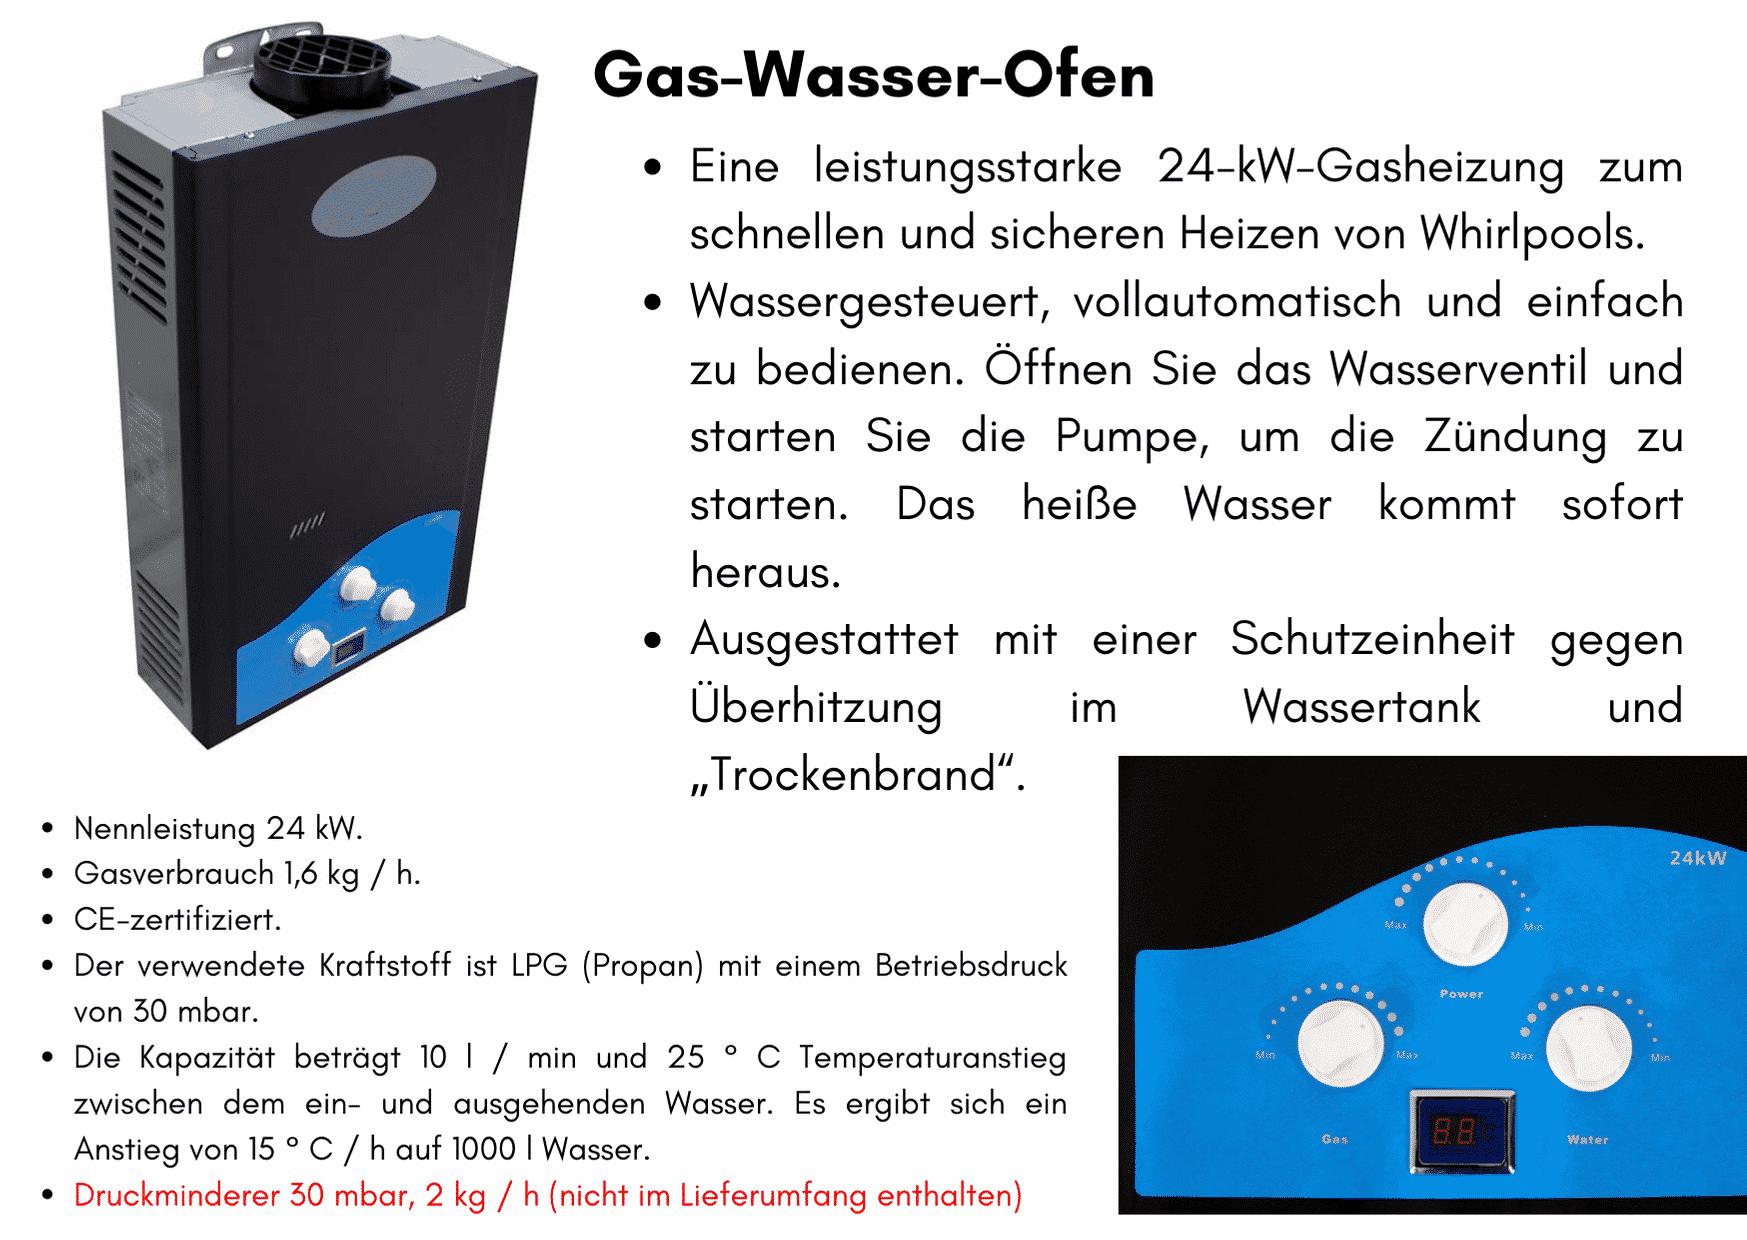 Gas Wasser Ofen Badezuber GFK mit Aussenofen Holzofen Gasofen Dieselofen